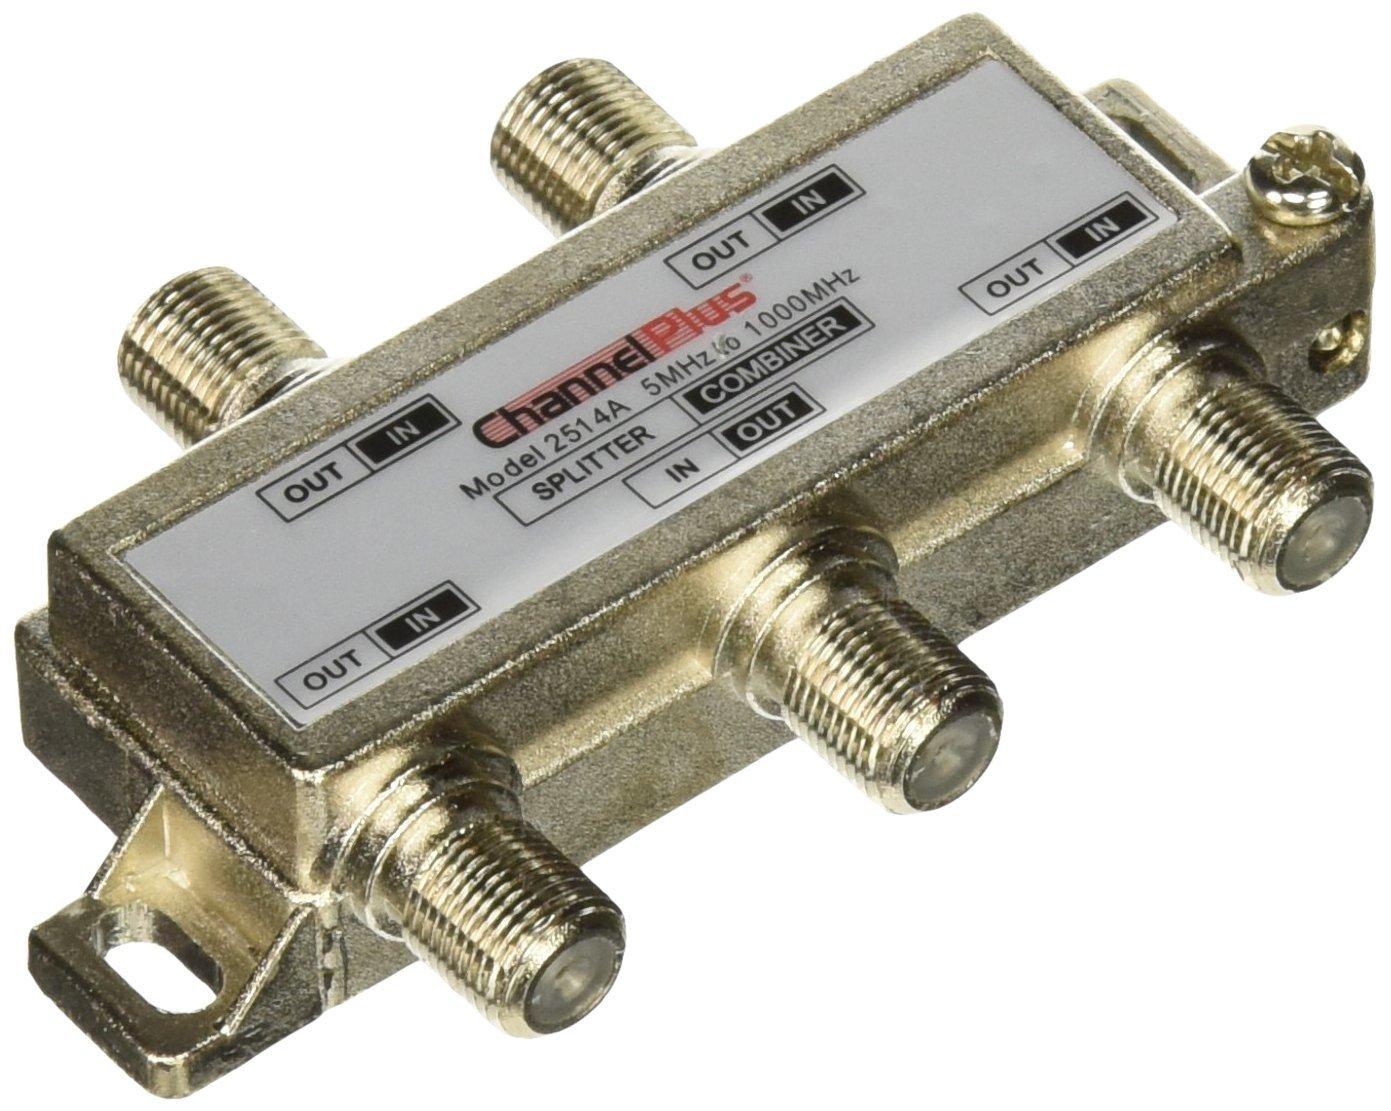 Channel Plus 2514 DC + IR Passing 4-Way Splitter/Combiner